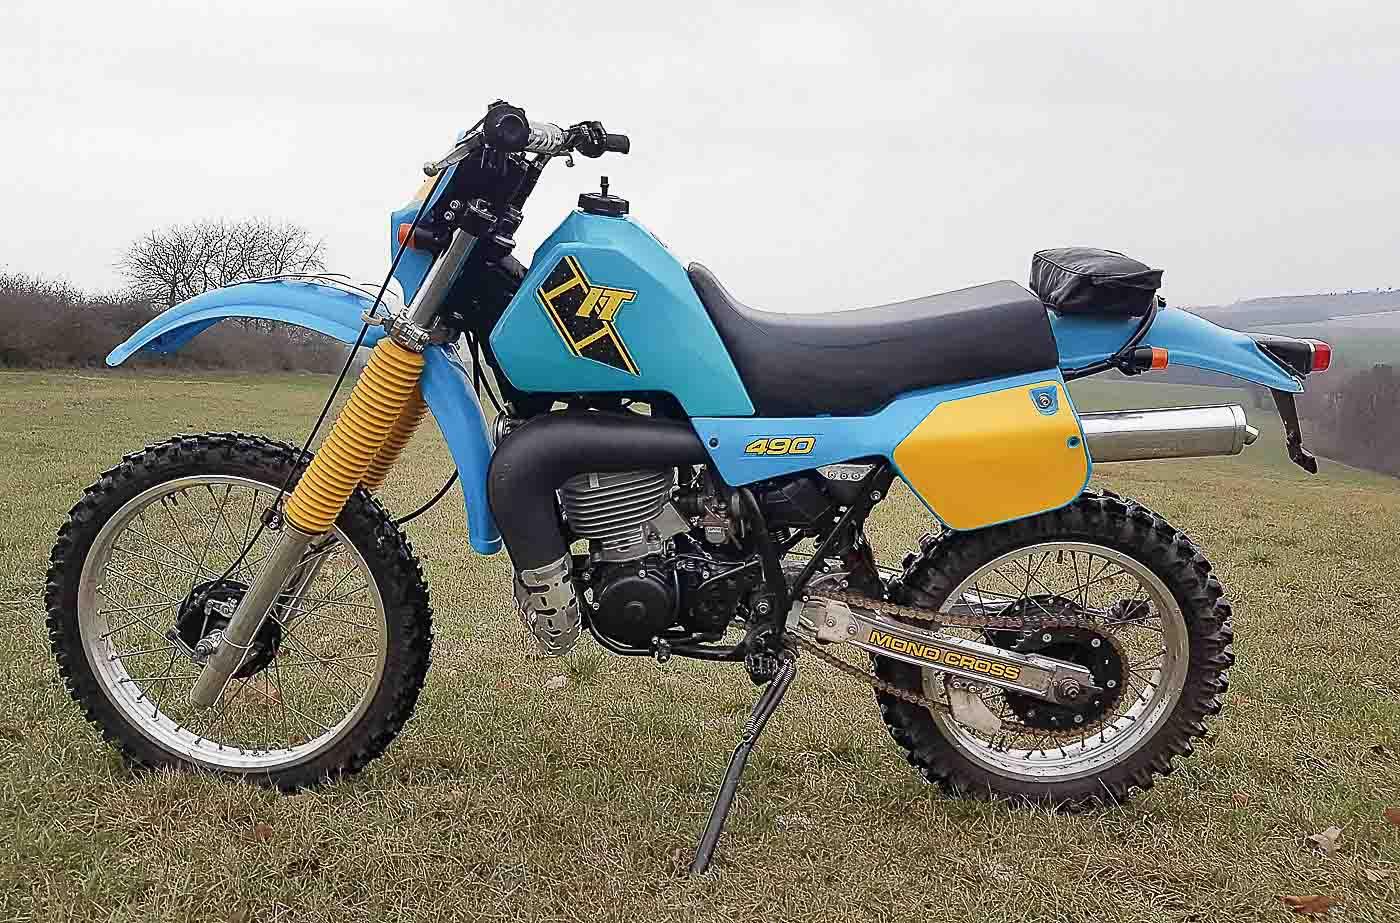 YAMAHA IT 490 (1982 - 1984)